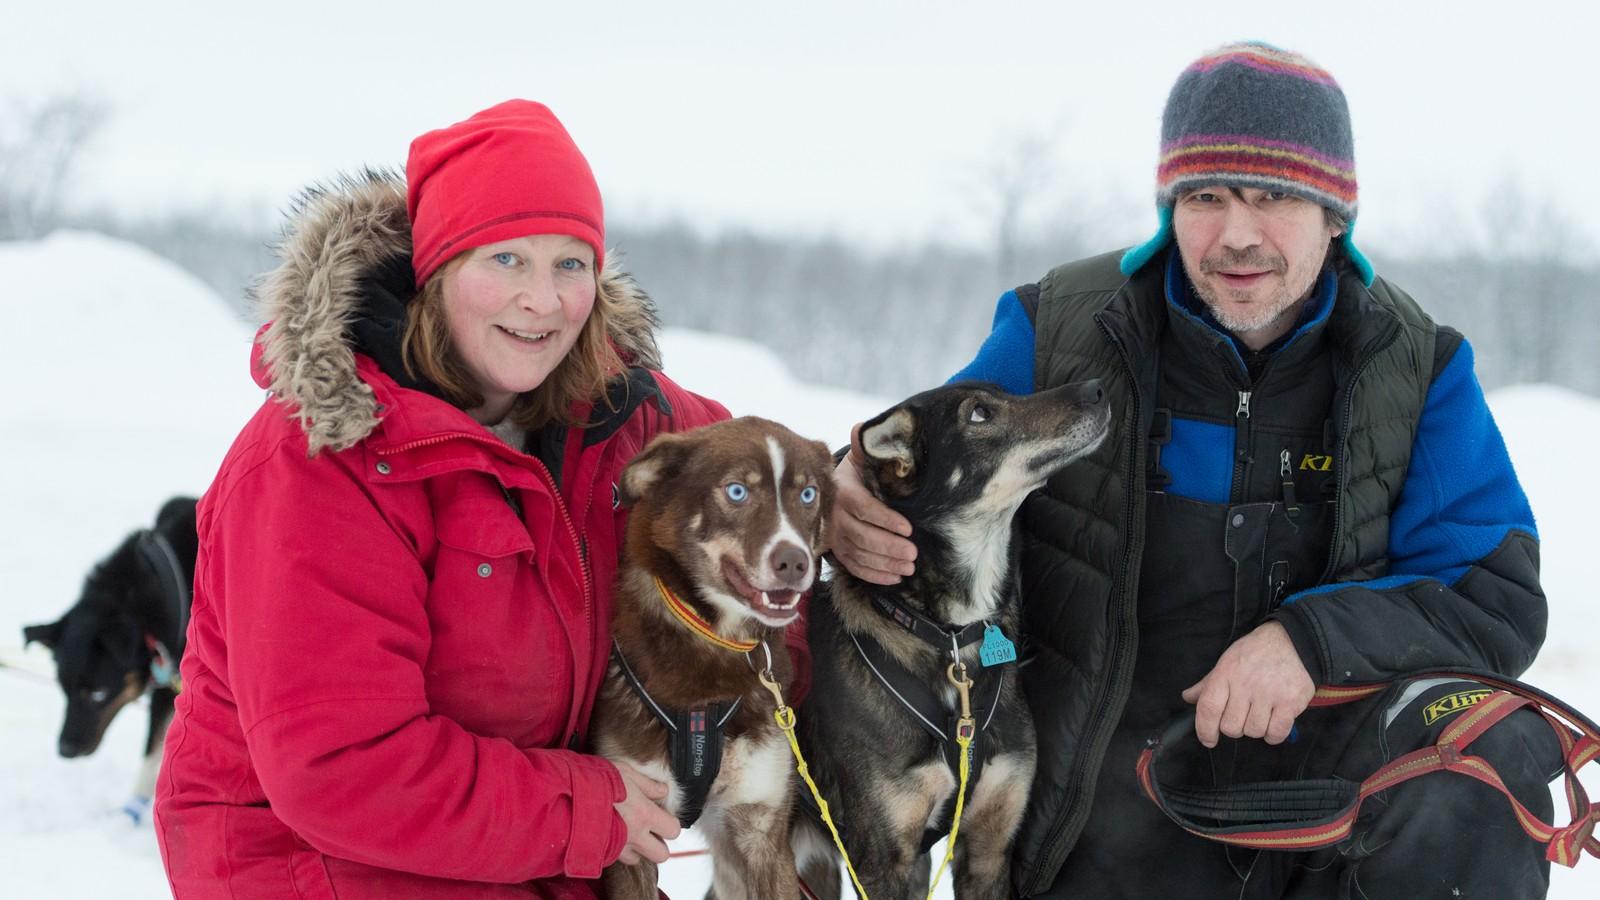 Hugo Hansen fra Storslett startet i dag på 650 km i Bergebyløpet. Kona Trine Sellevoll skal kjøre 500 km i Finnmarksløpet med deler av spannet. Her med hundene Plomma og Nemi.